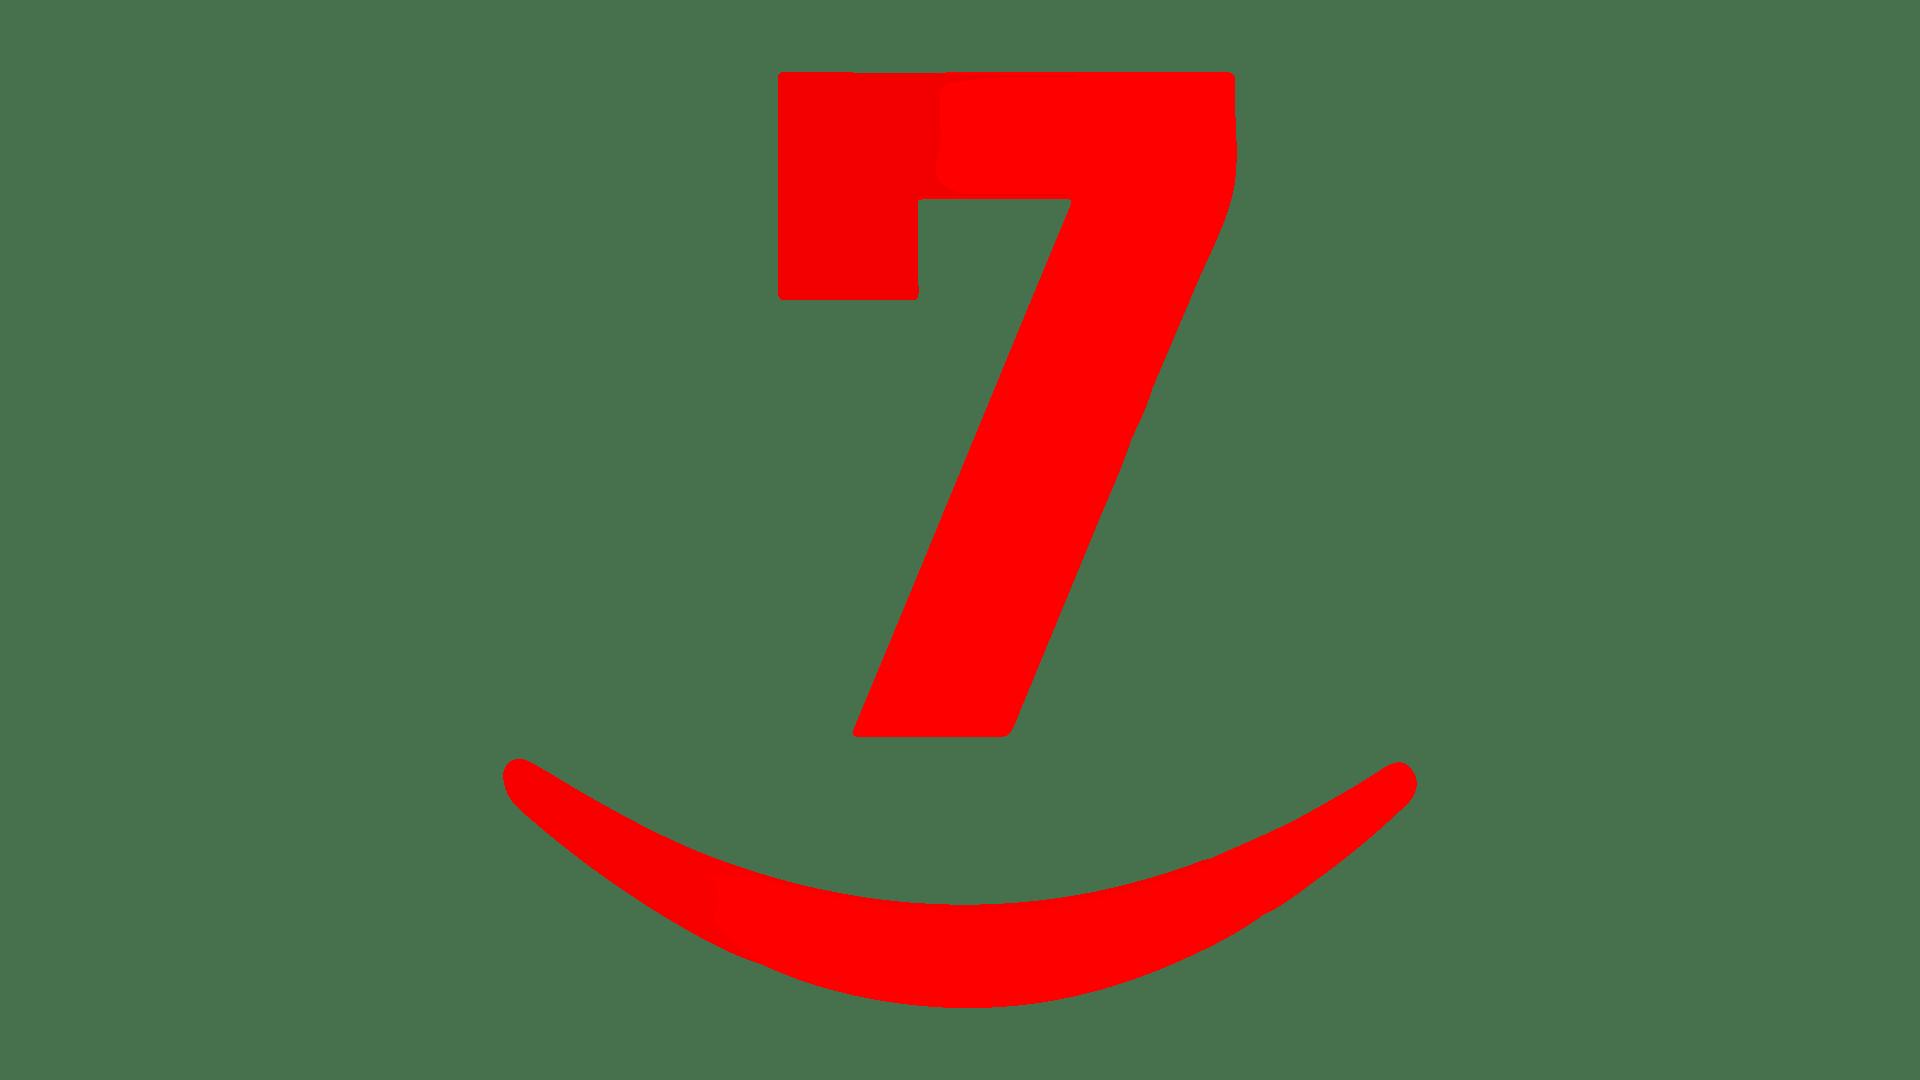 Castilla y León TV Cyltv en directo, Online